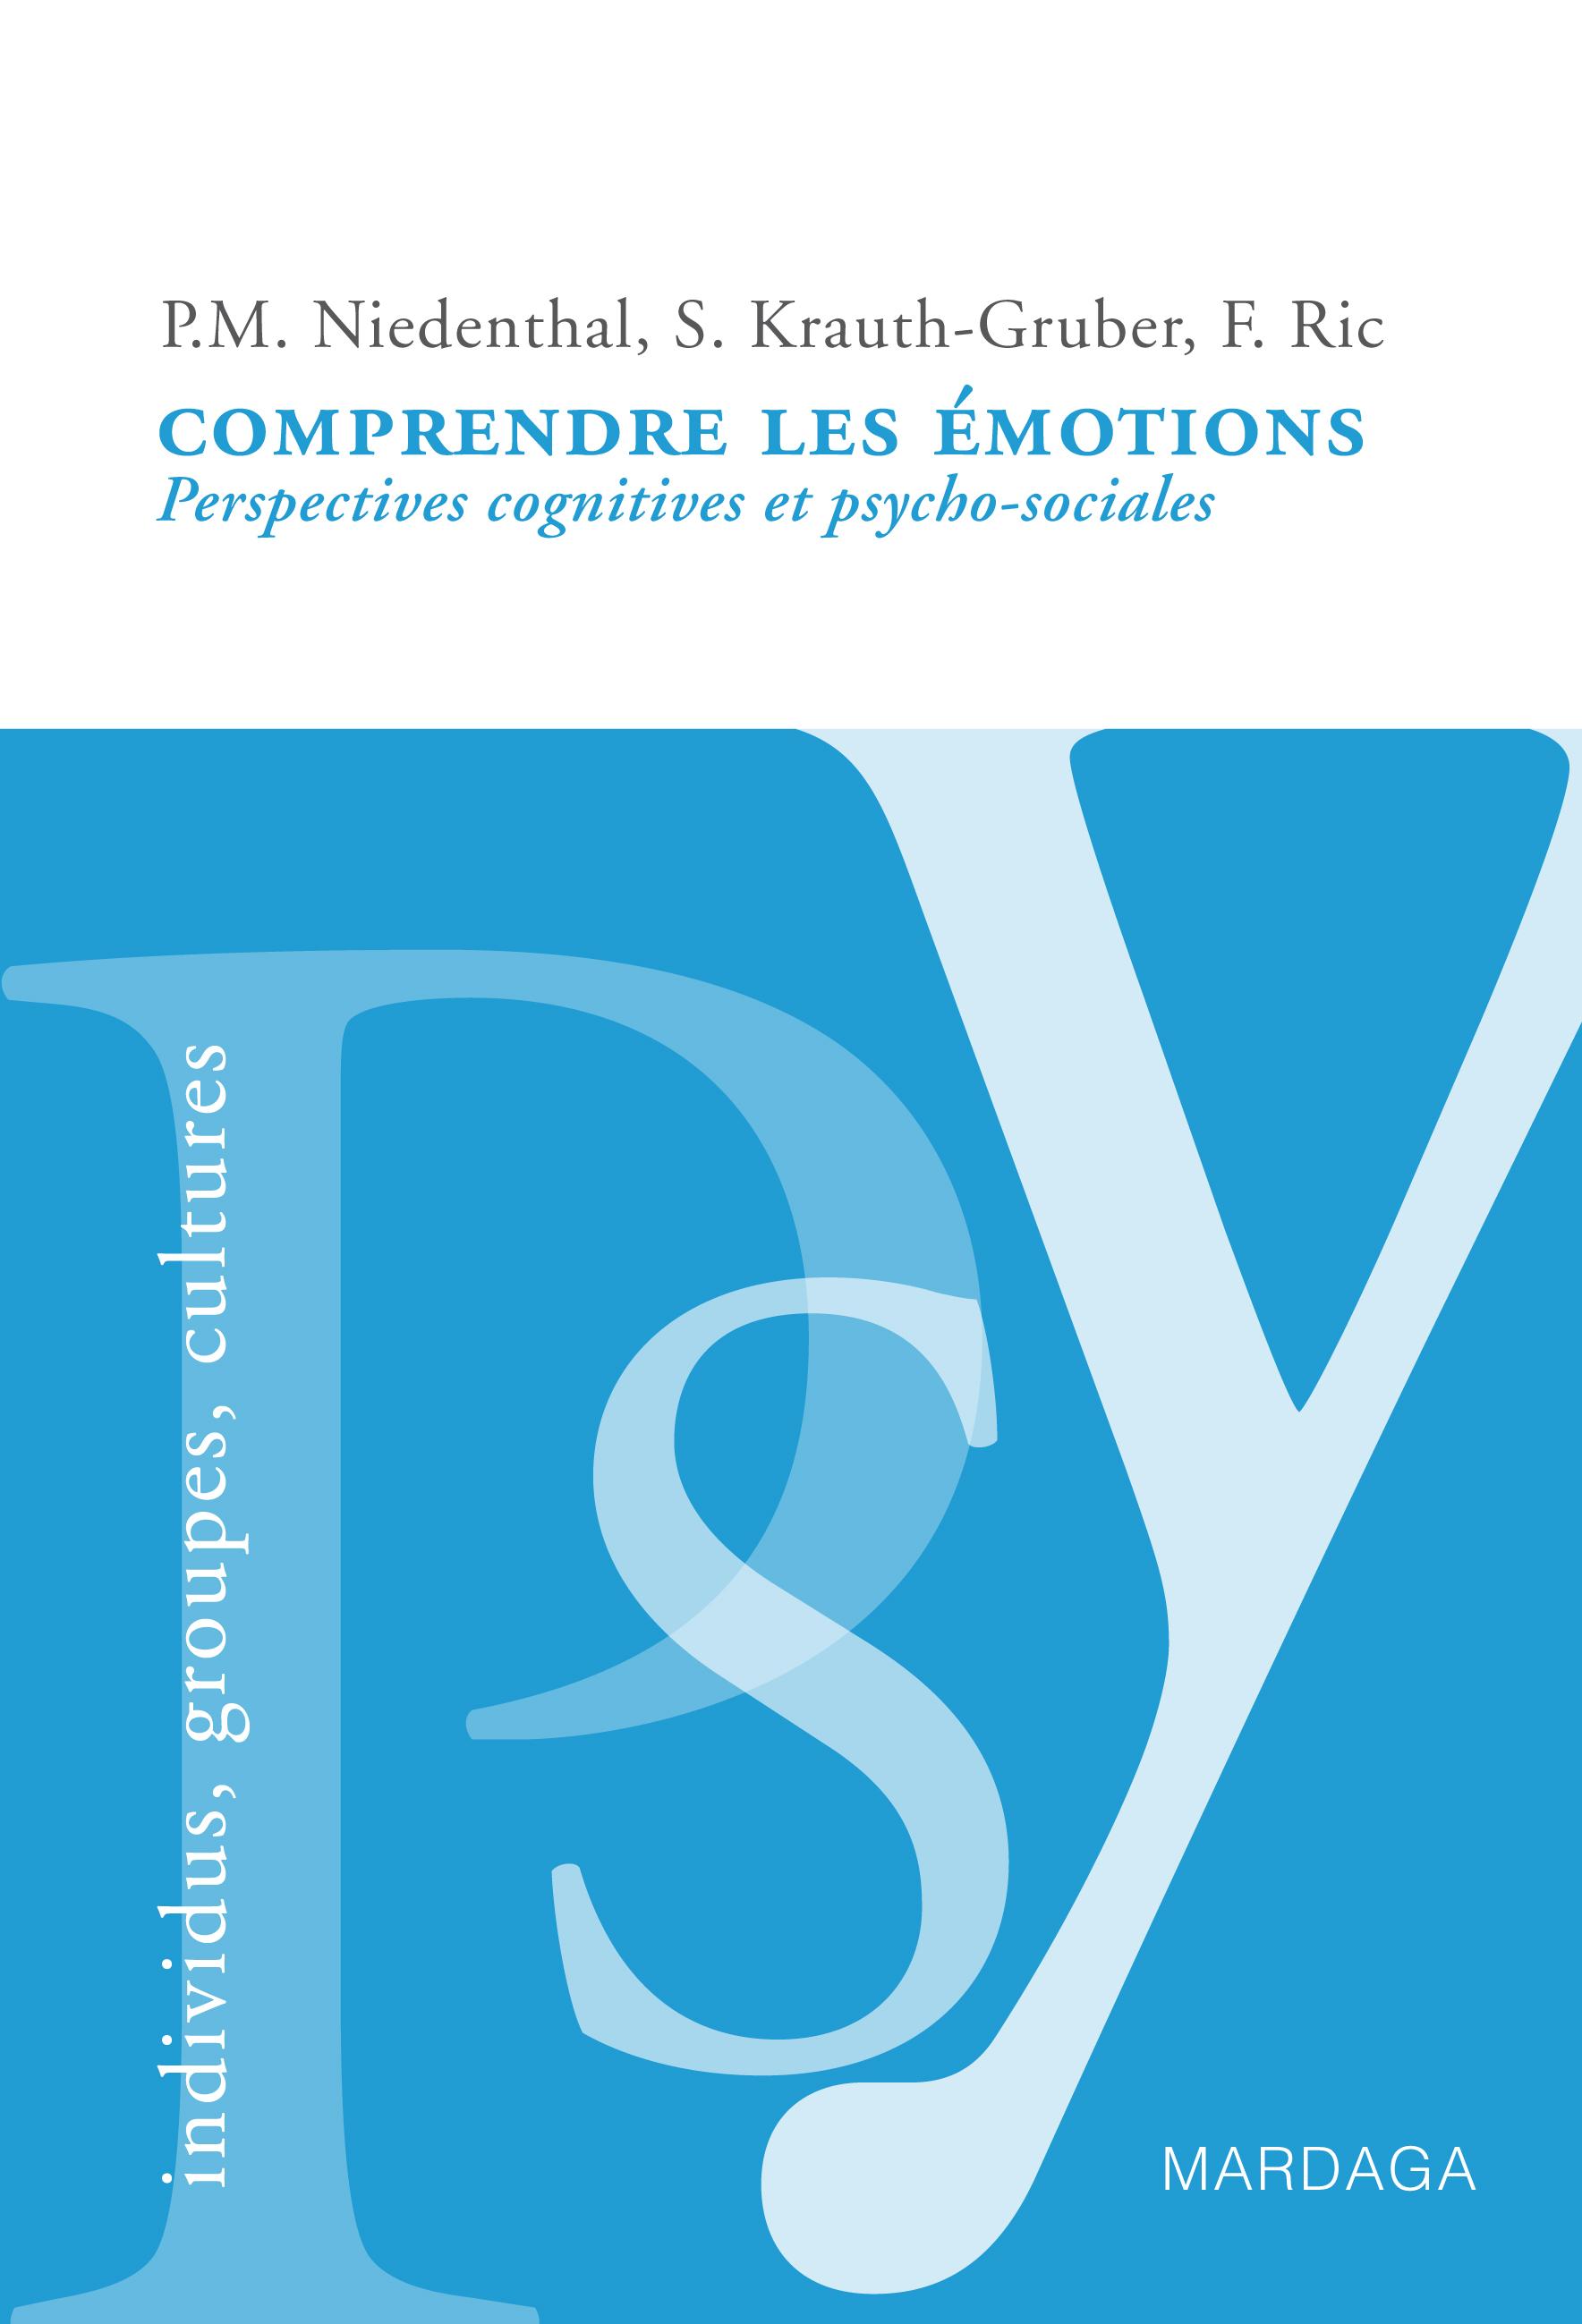 Comprendre les émotions, Perspectives cognitives et psycho-sociales